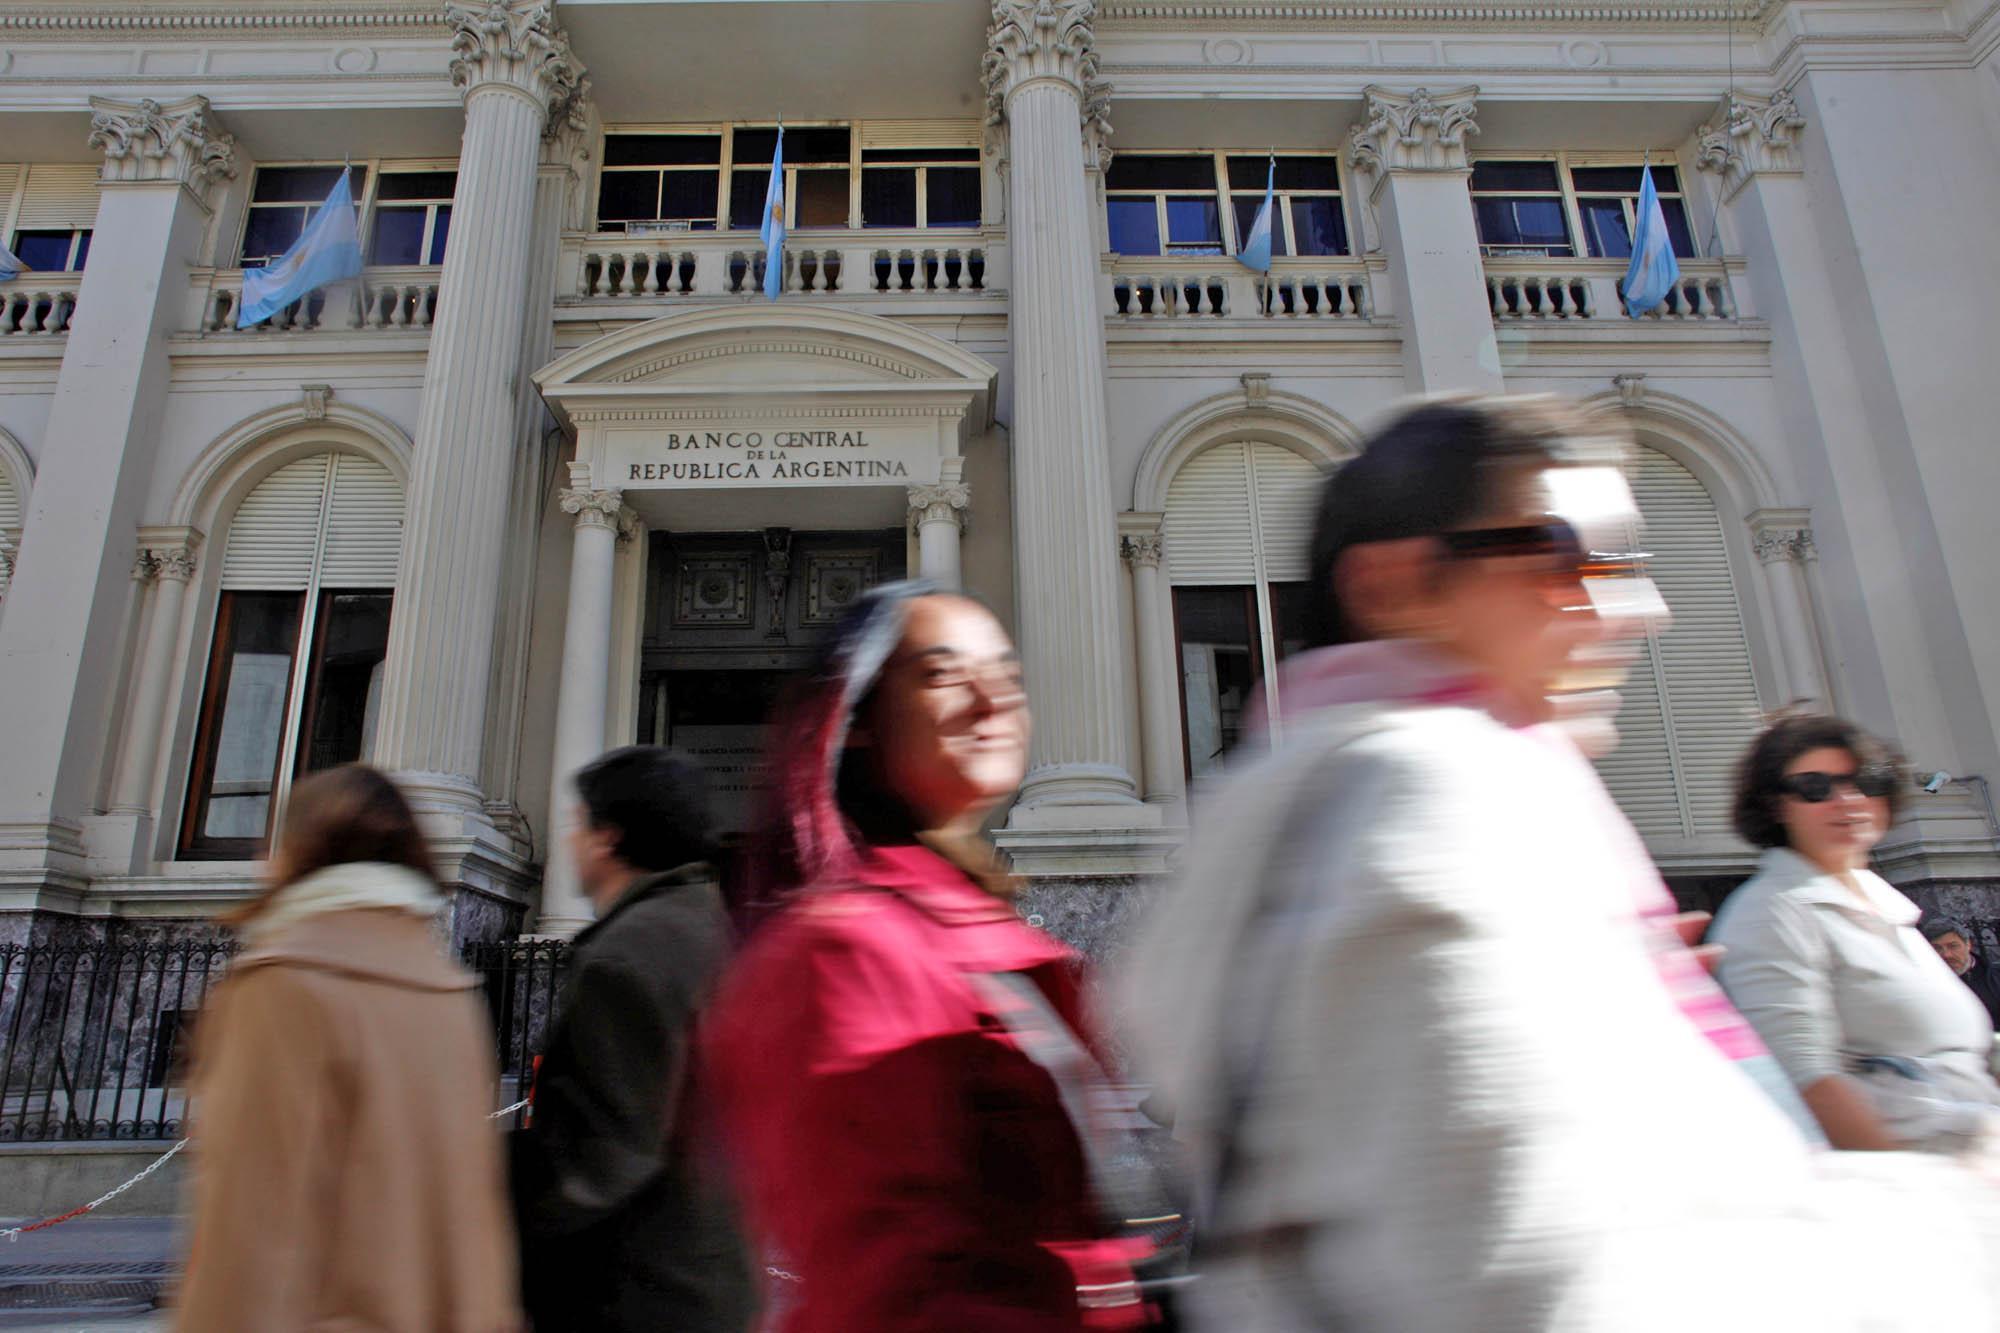 El BCRA no quiere sorpresas: vuelve a subir la tasa para asegurar la tranquilidad del dólar